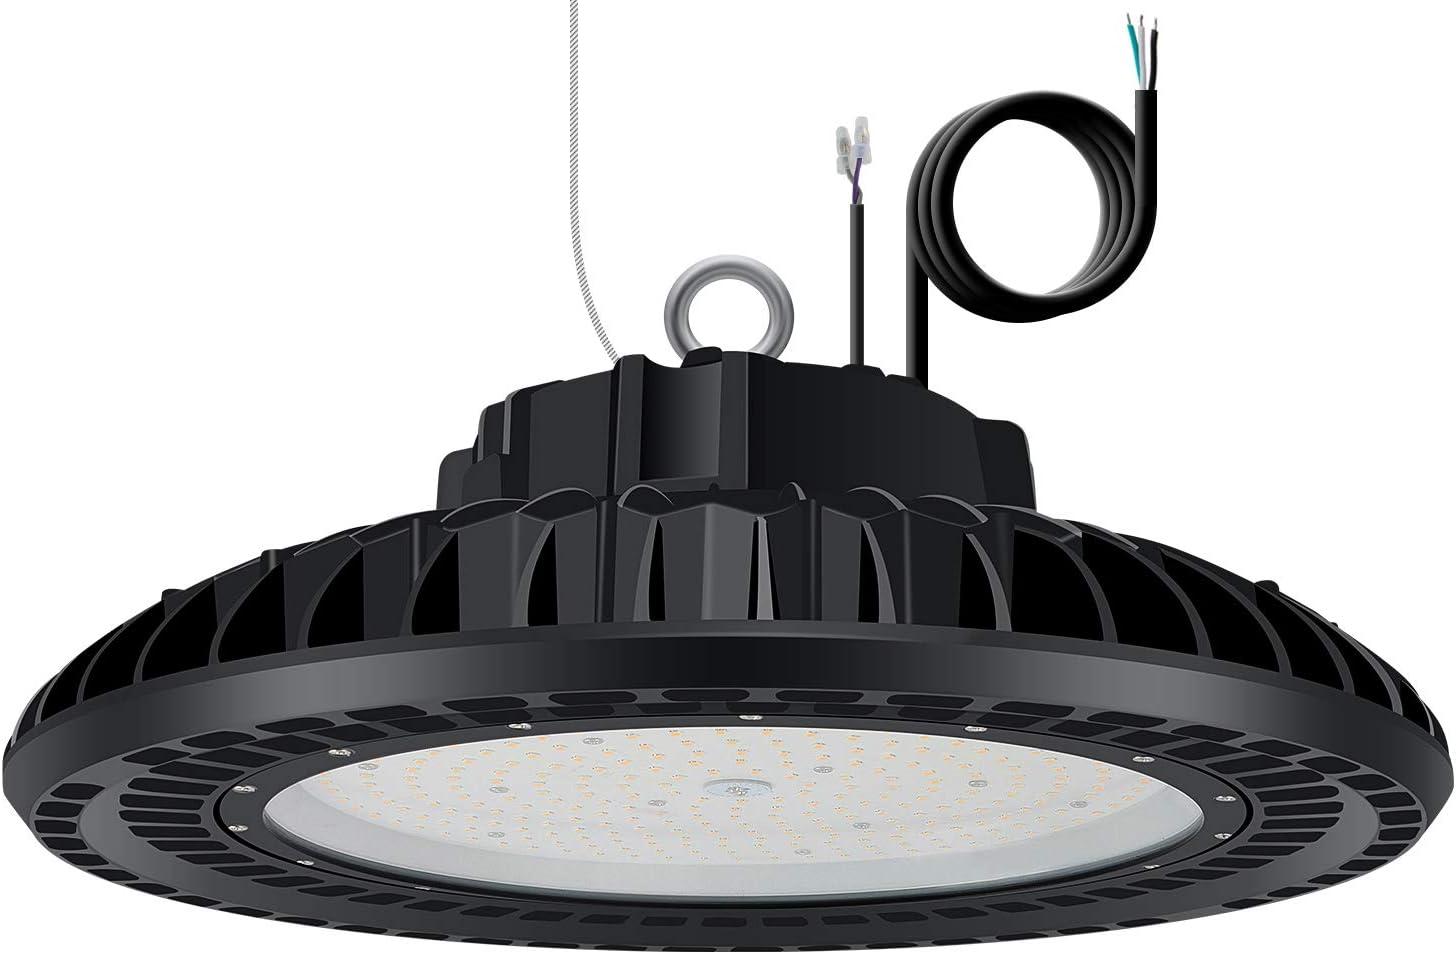 3X 300W UFO LED Hallenleuchte Industrielampe Hallenstrahler Hängend High Bay DE